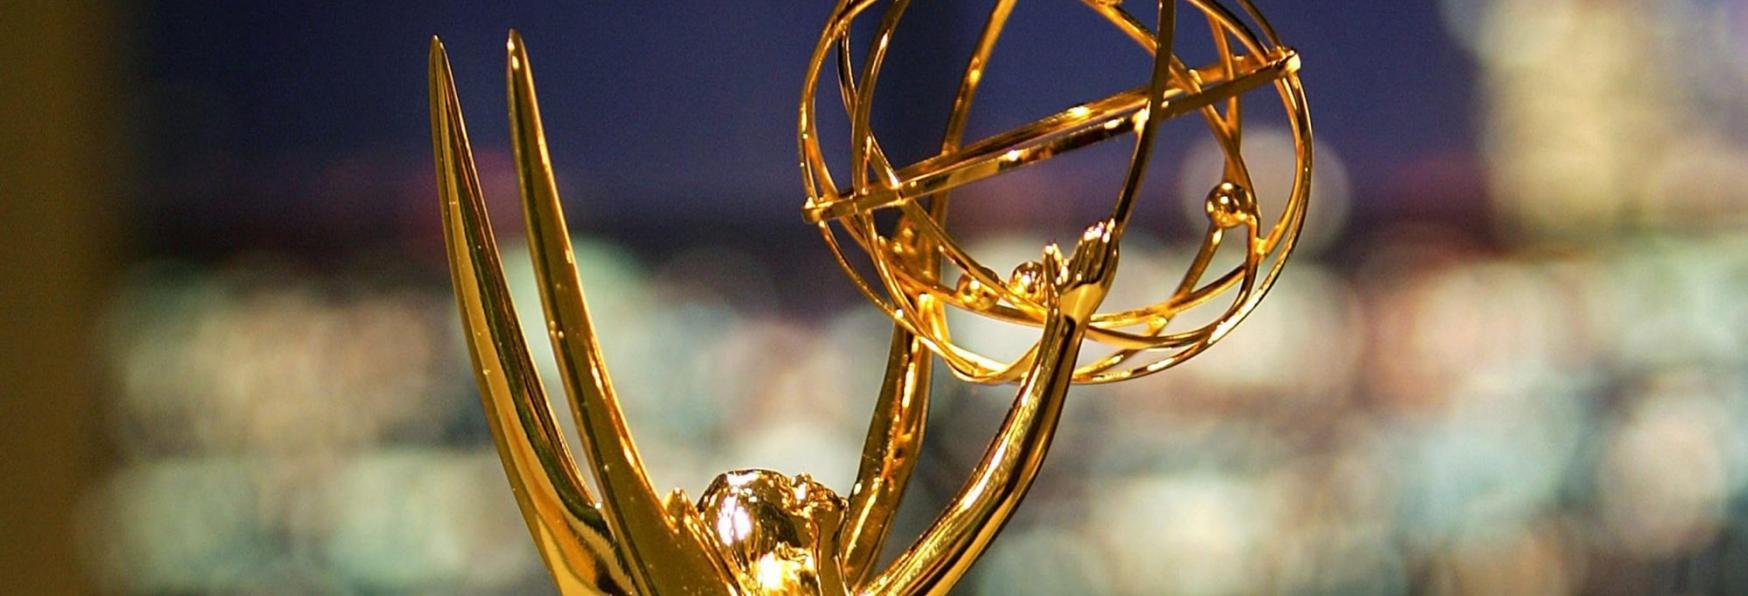 Emmy 2021: Annunciate le Nomination della 73° Edizione. Ecco l'elenco delle Serie TV